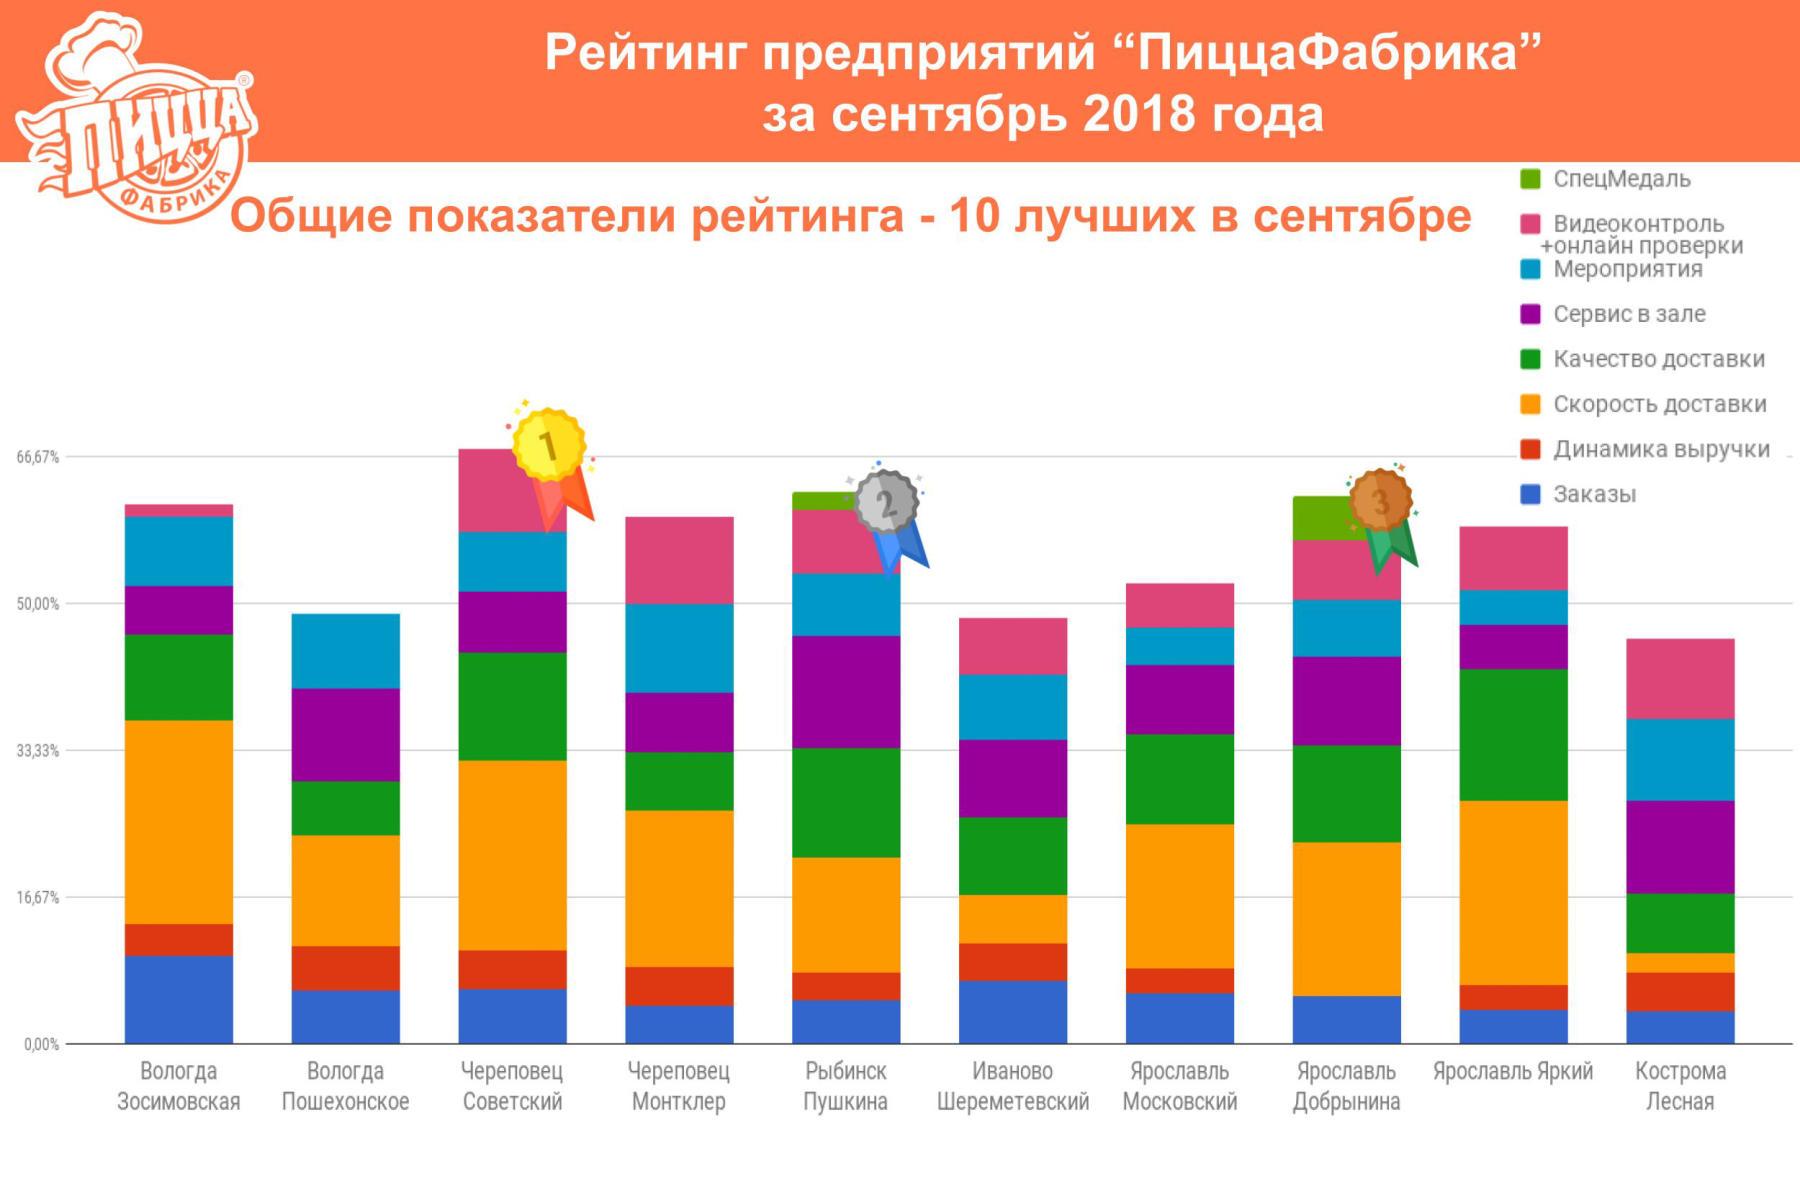 рейтинг предприятий сентябрь